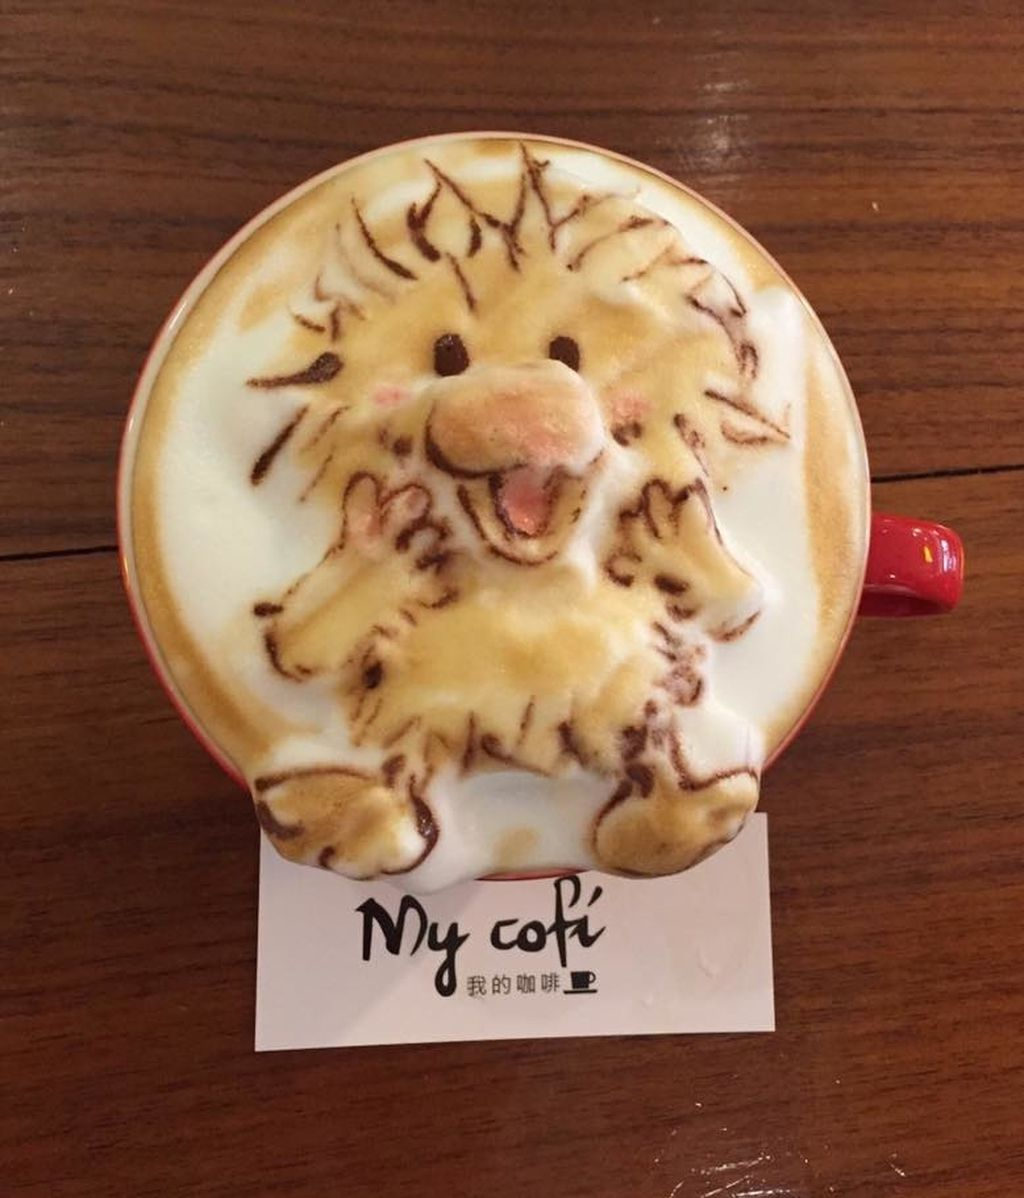 Chang Kuei Fang crea cualquier cosa sobre una taza de café solo con leche y chocolate